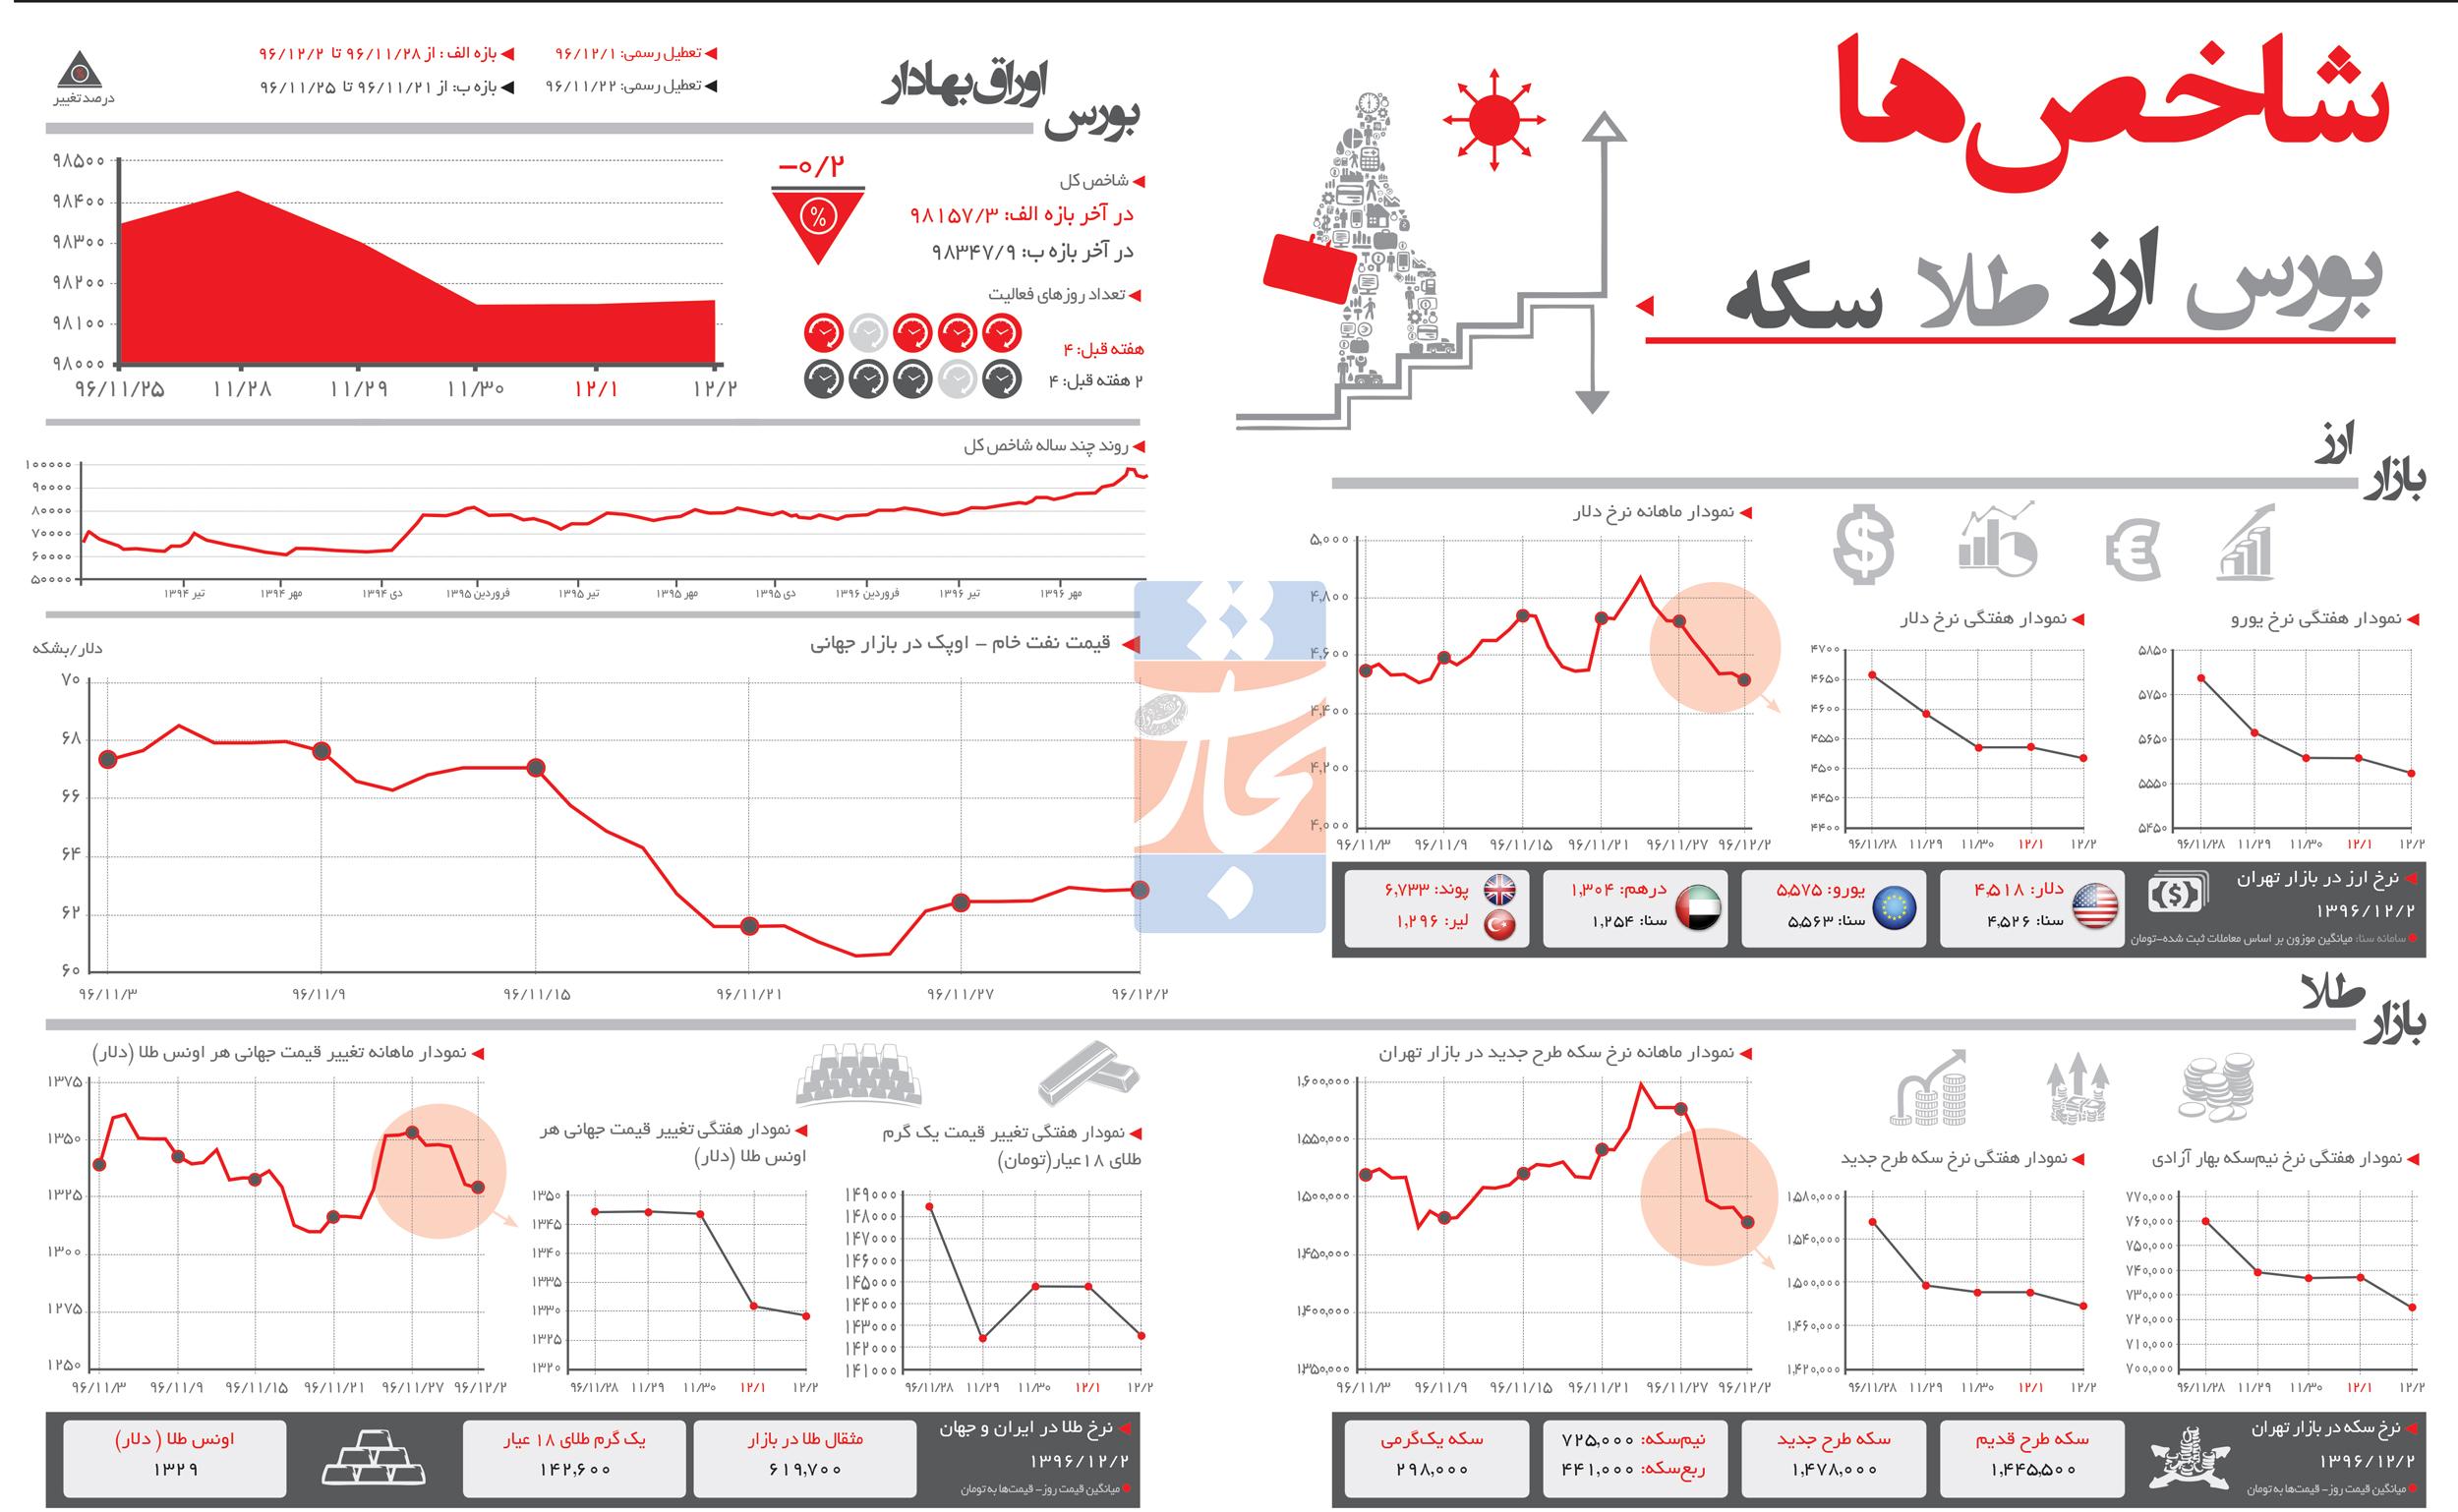 تجارت فردا- اینفوگرافیک- شاخصهای اقتصادی (260)